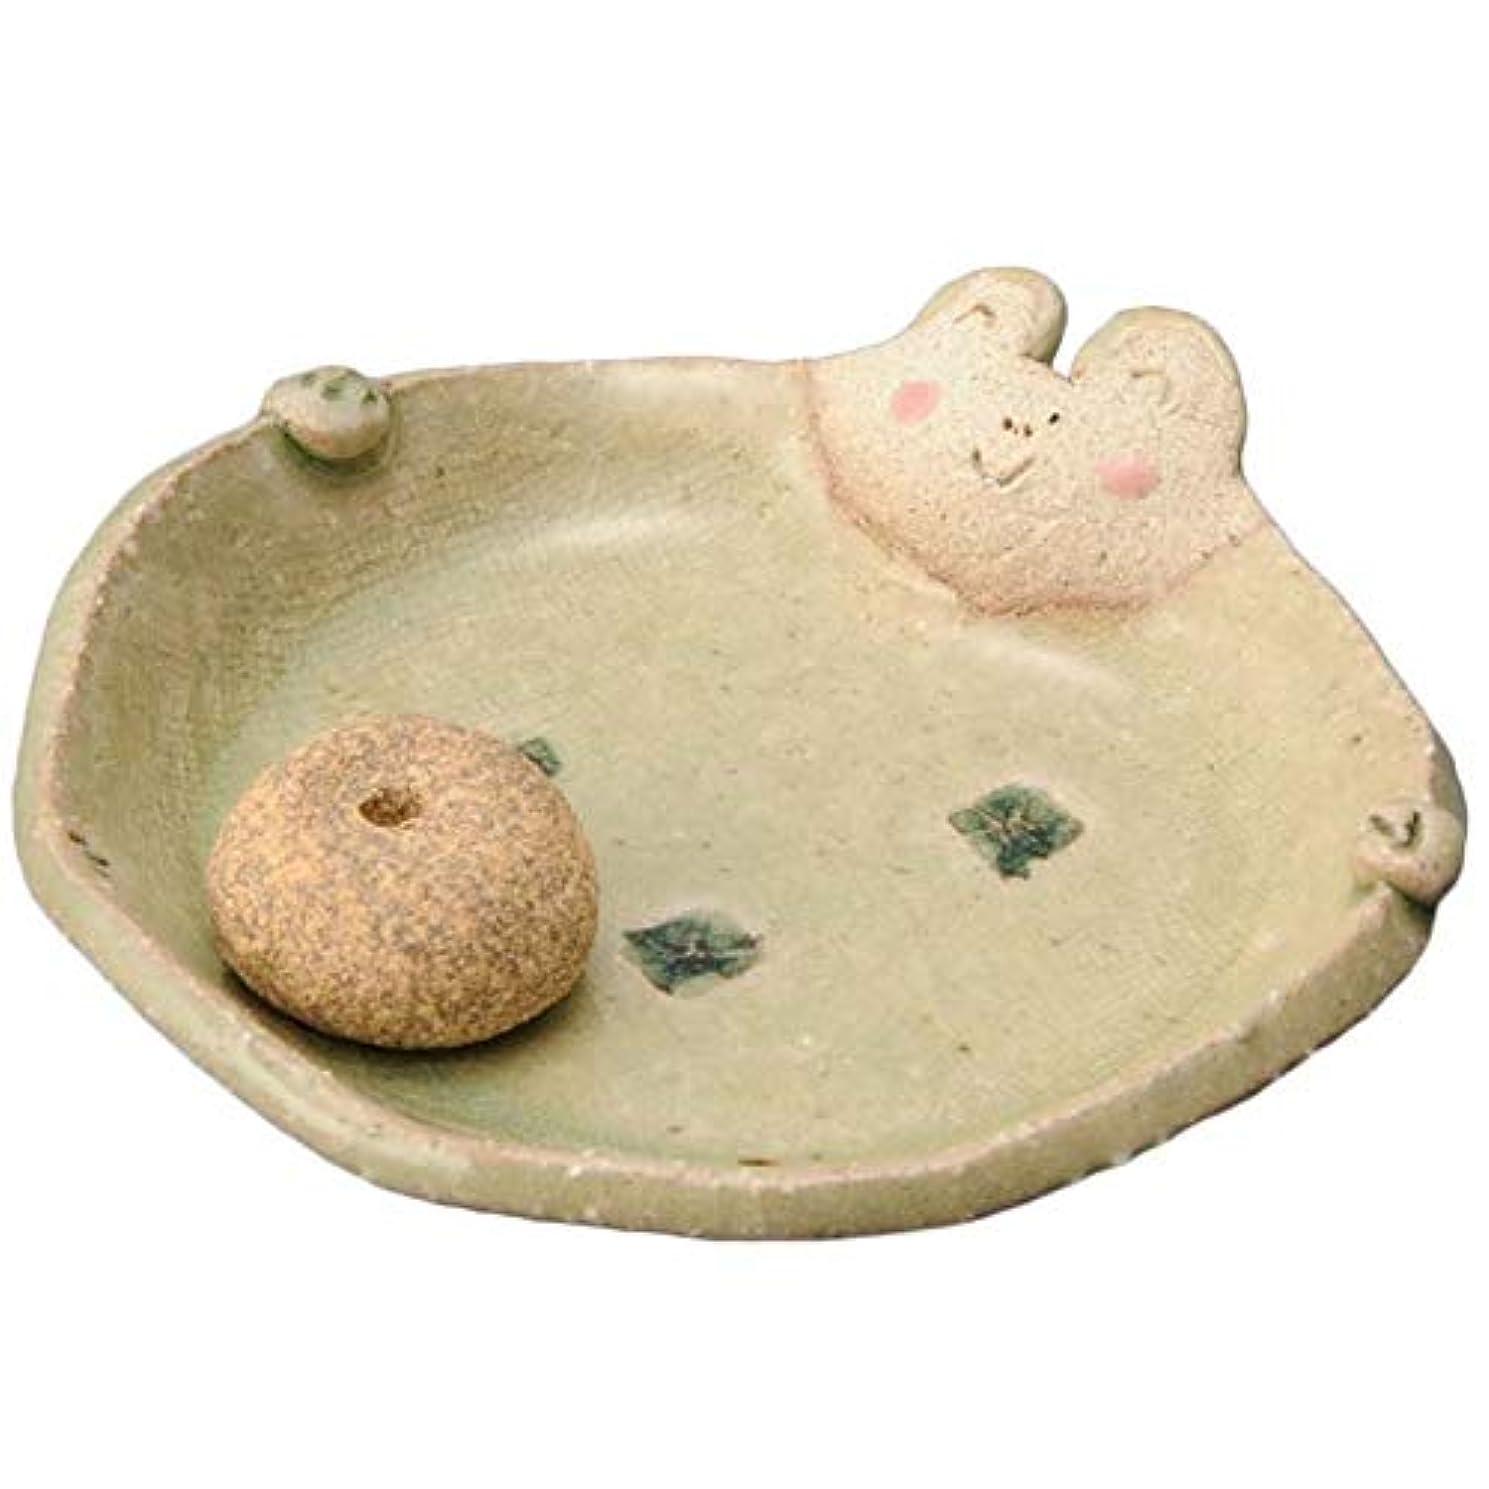 日付付き色合いみぞれ手造り 香皿 香立て/ふっくら 香皿(カエル) /香り アロマ 癒やし リラックス インテリア プレゼント 贈り物